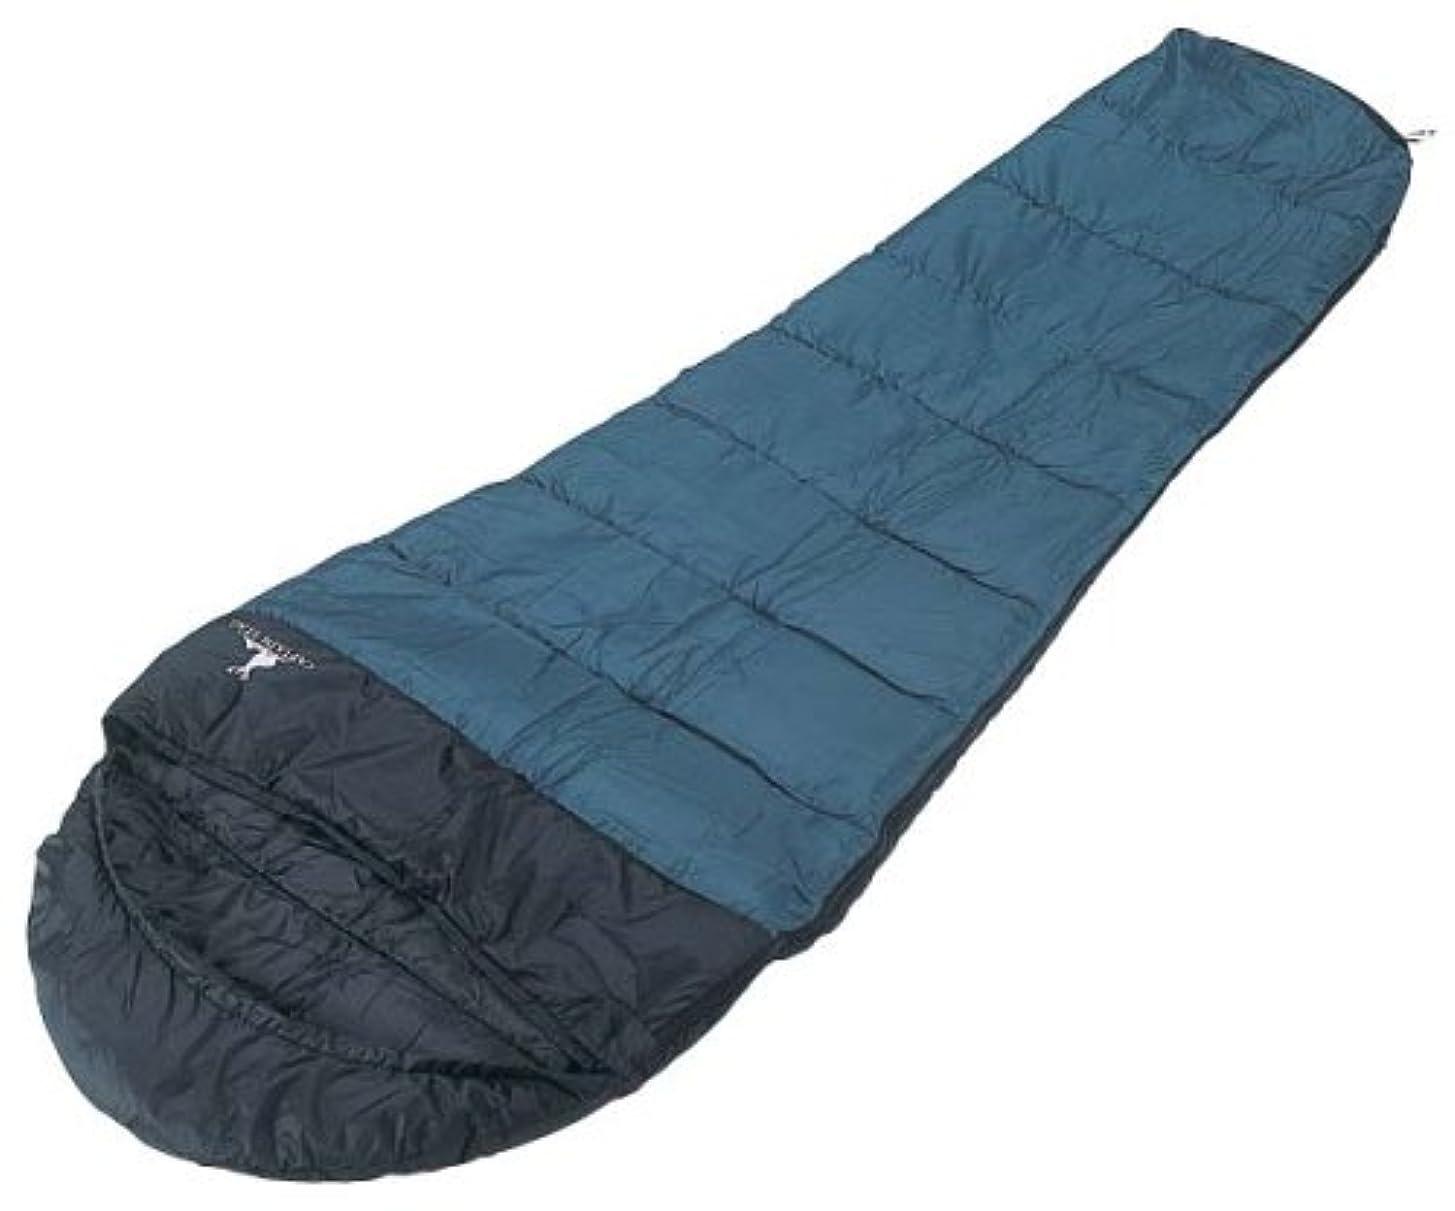 悩みによってブッシュキャプテンスタッグ(CAPTAIN STAG) キャンプ用品 寝袋 シュラフ アクティブ 600 グリーン M-3438